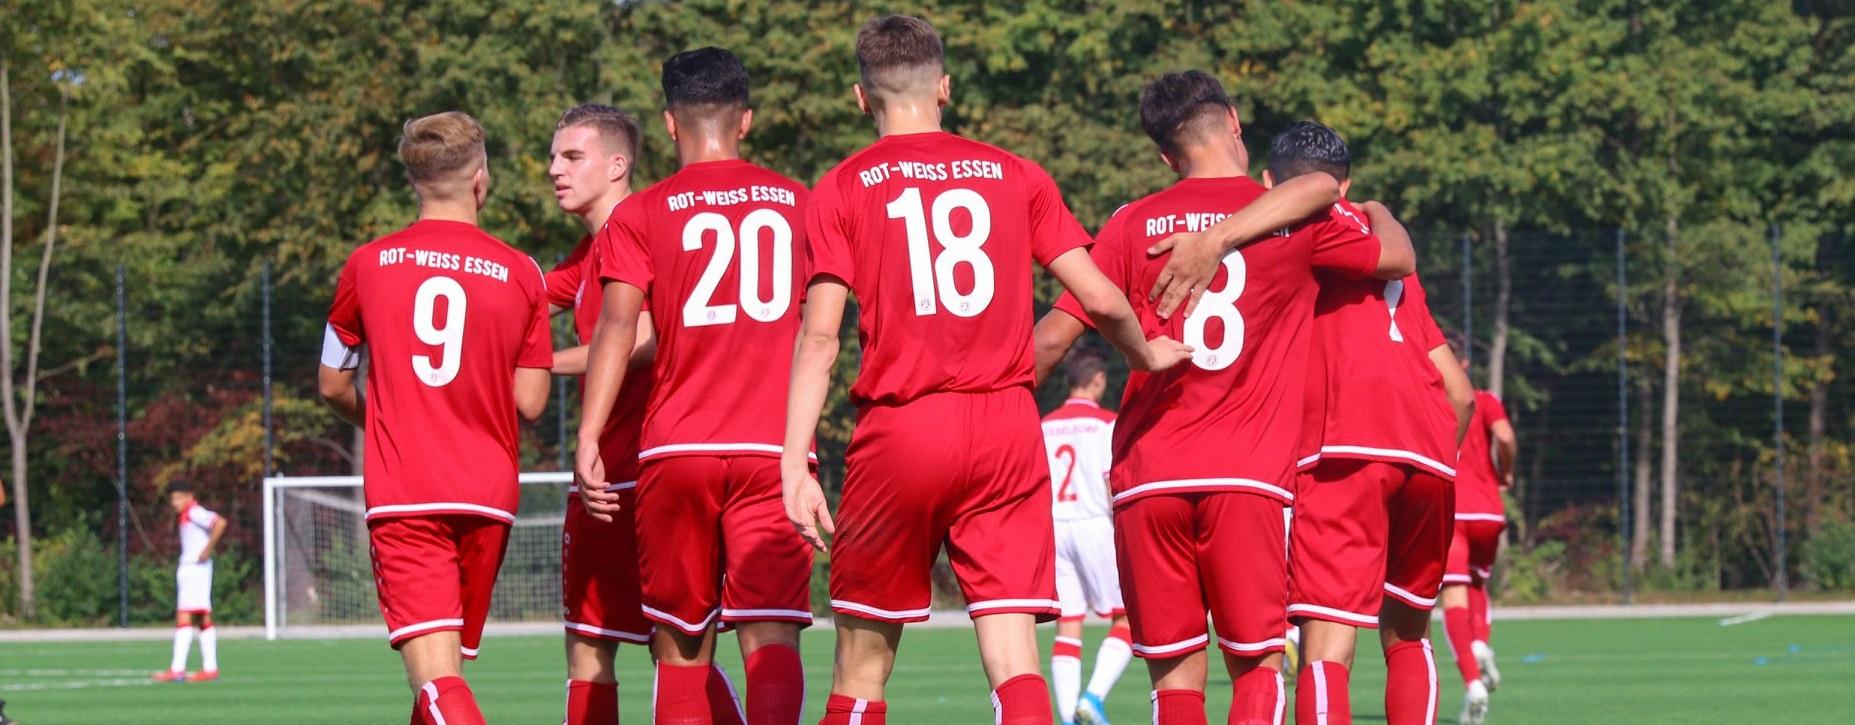 U17 gelingt auch im fünften Spiel ein Sieg. (Foto: Breilmannswiese)